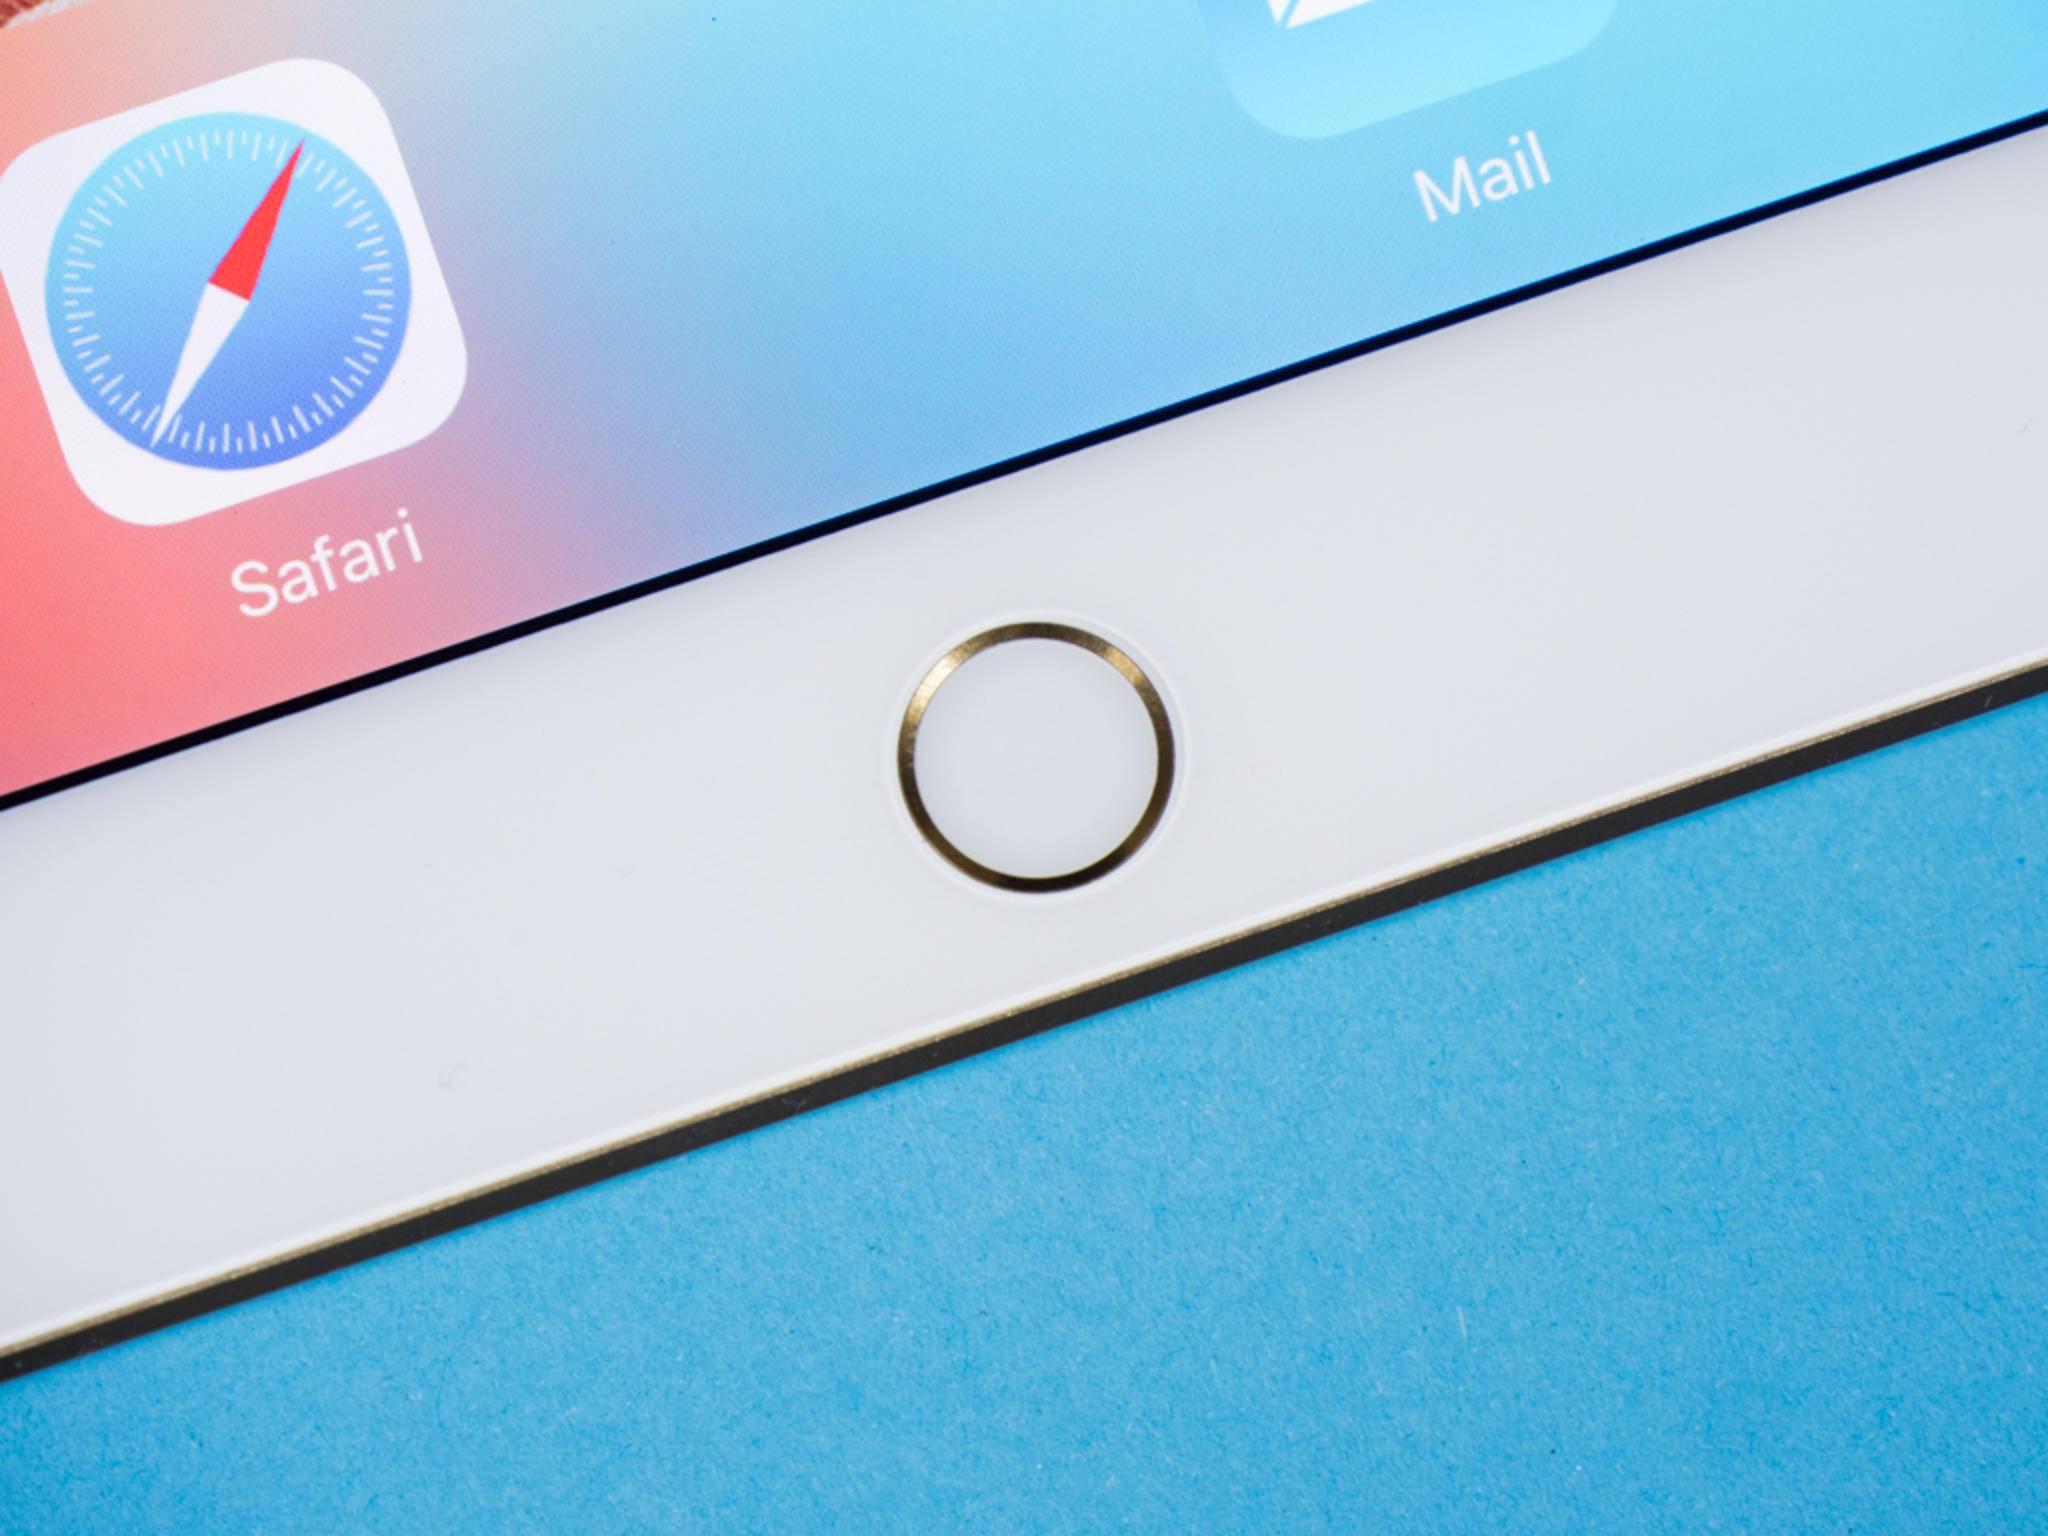 Der Touch ID-Sensor erlaubt die Idenfitizierung per Fingerabdruck.